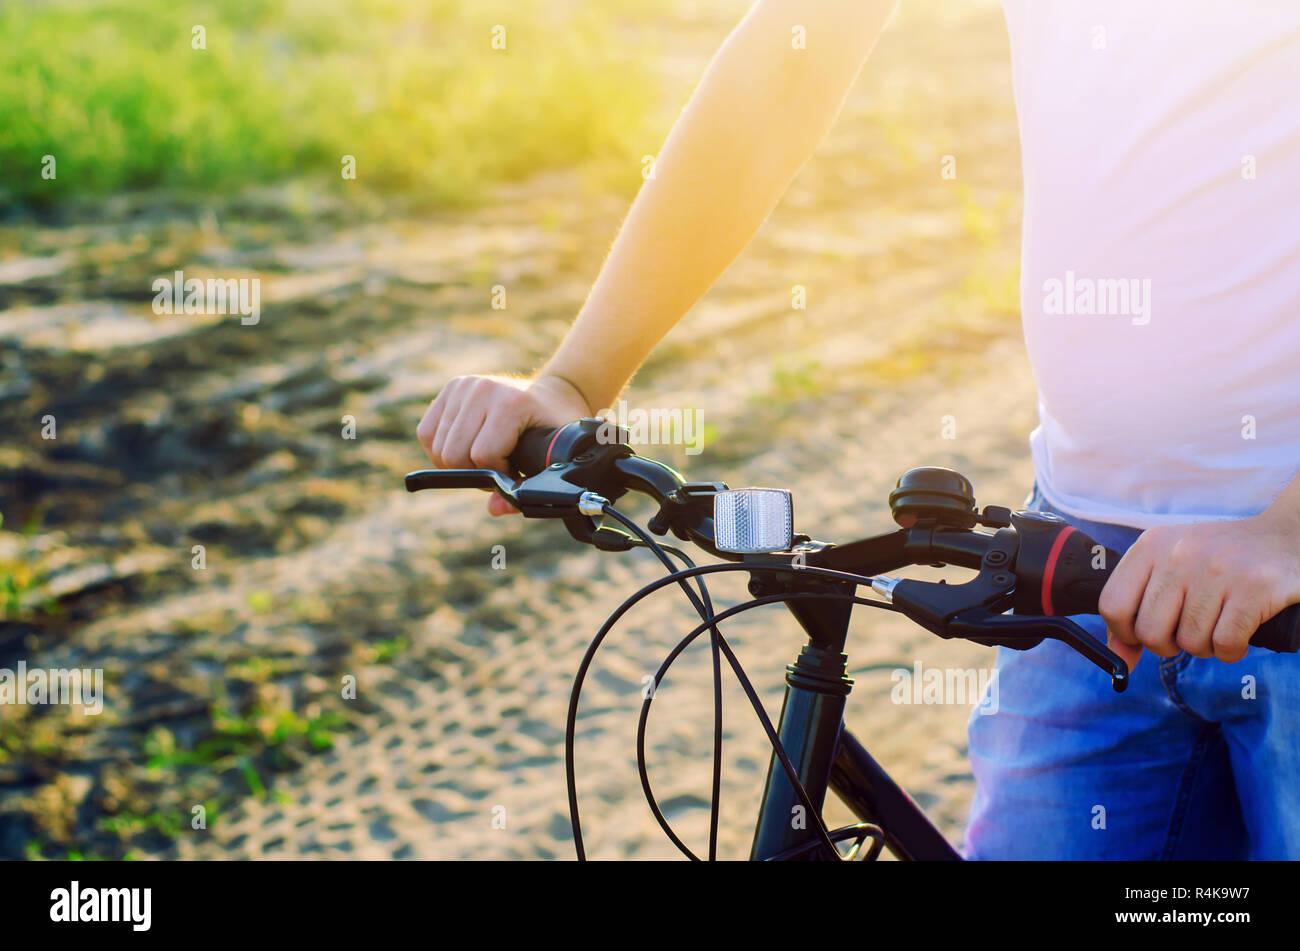 Fahrrad- und Menschen in die Natur hautnah, Reisen, gesunden Lebensstil, Land laufen. Fahrradrahmen. sonnigen Tag Stockfoto